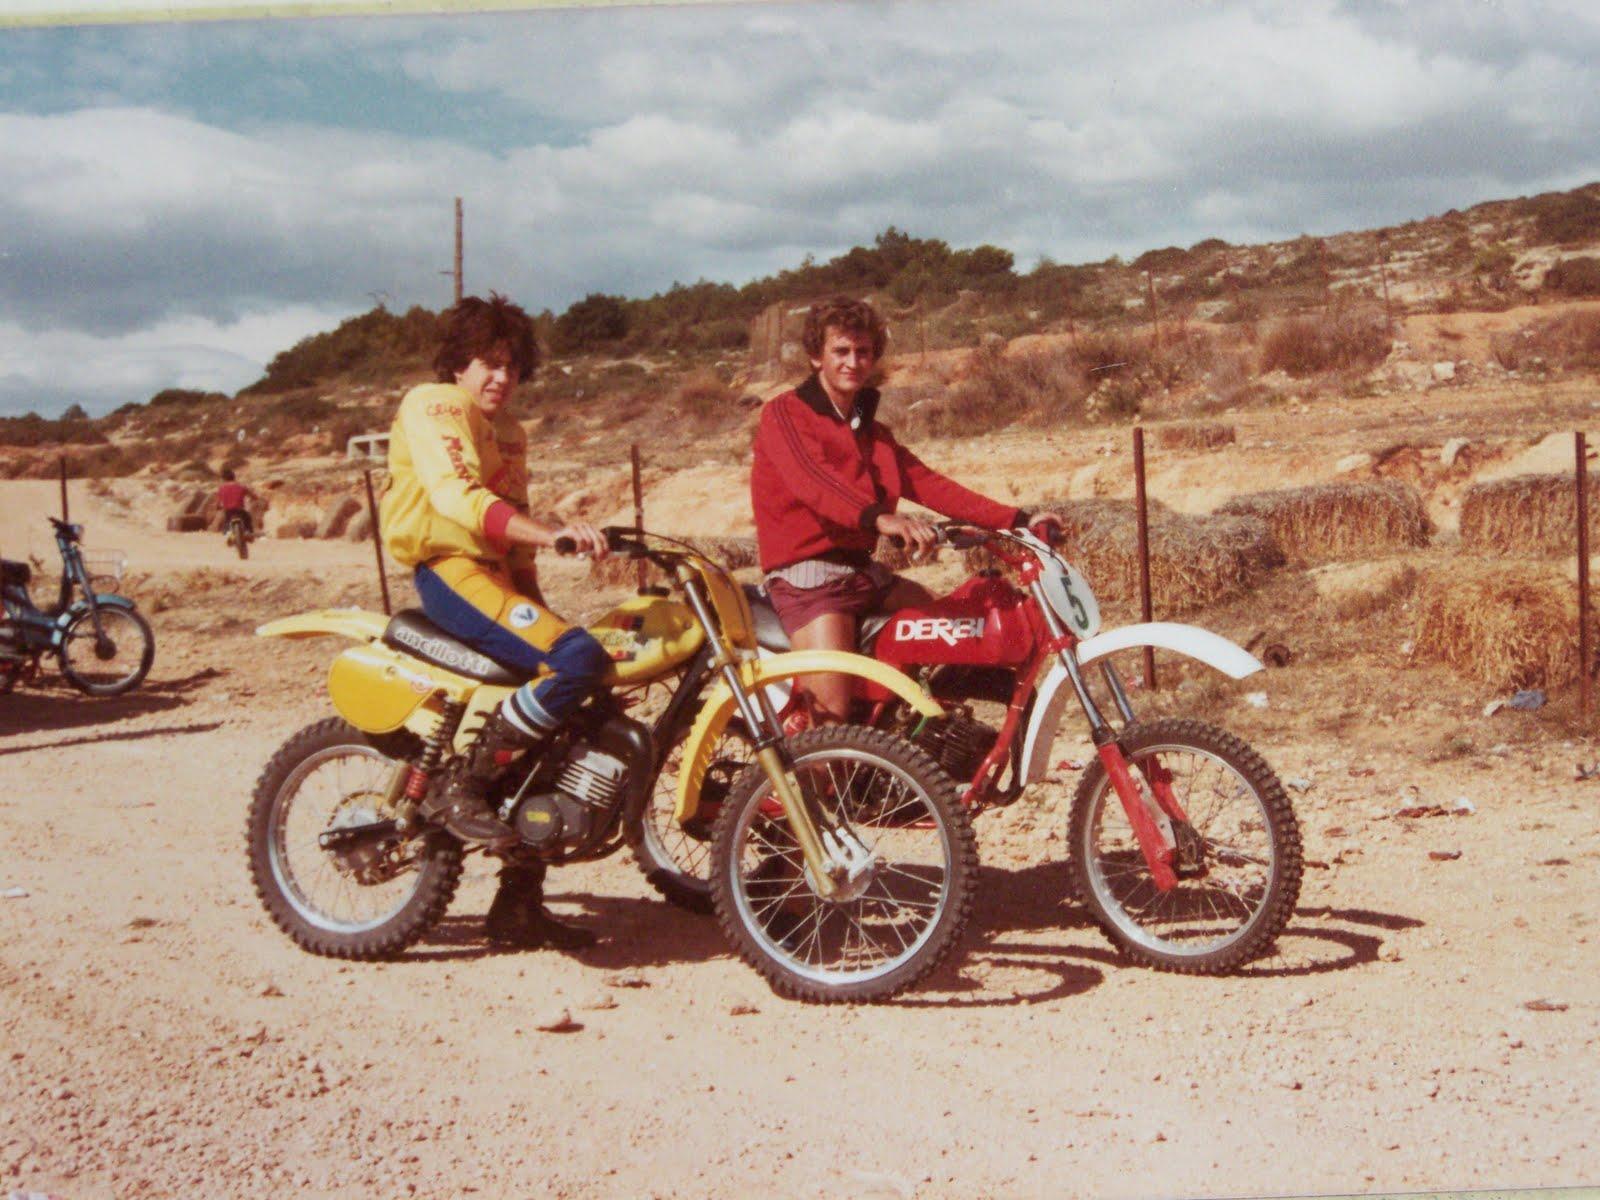 Derbi CR 81 101_1994